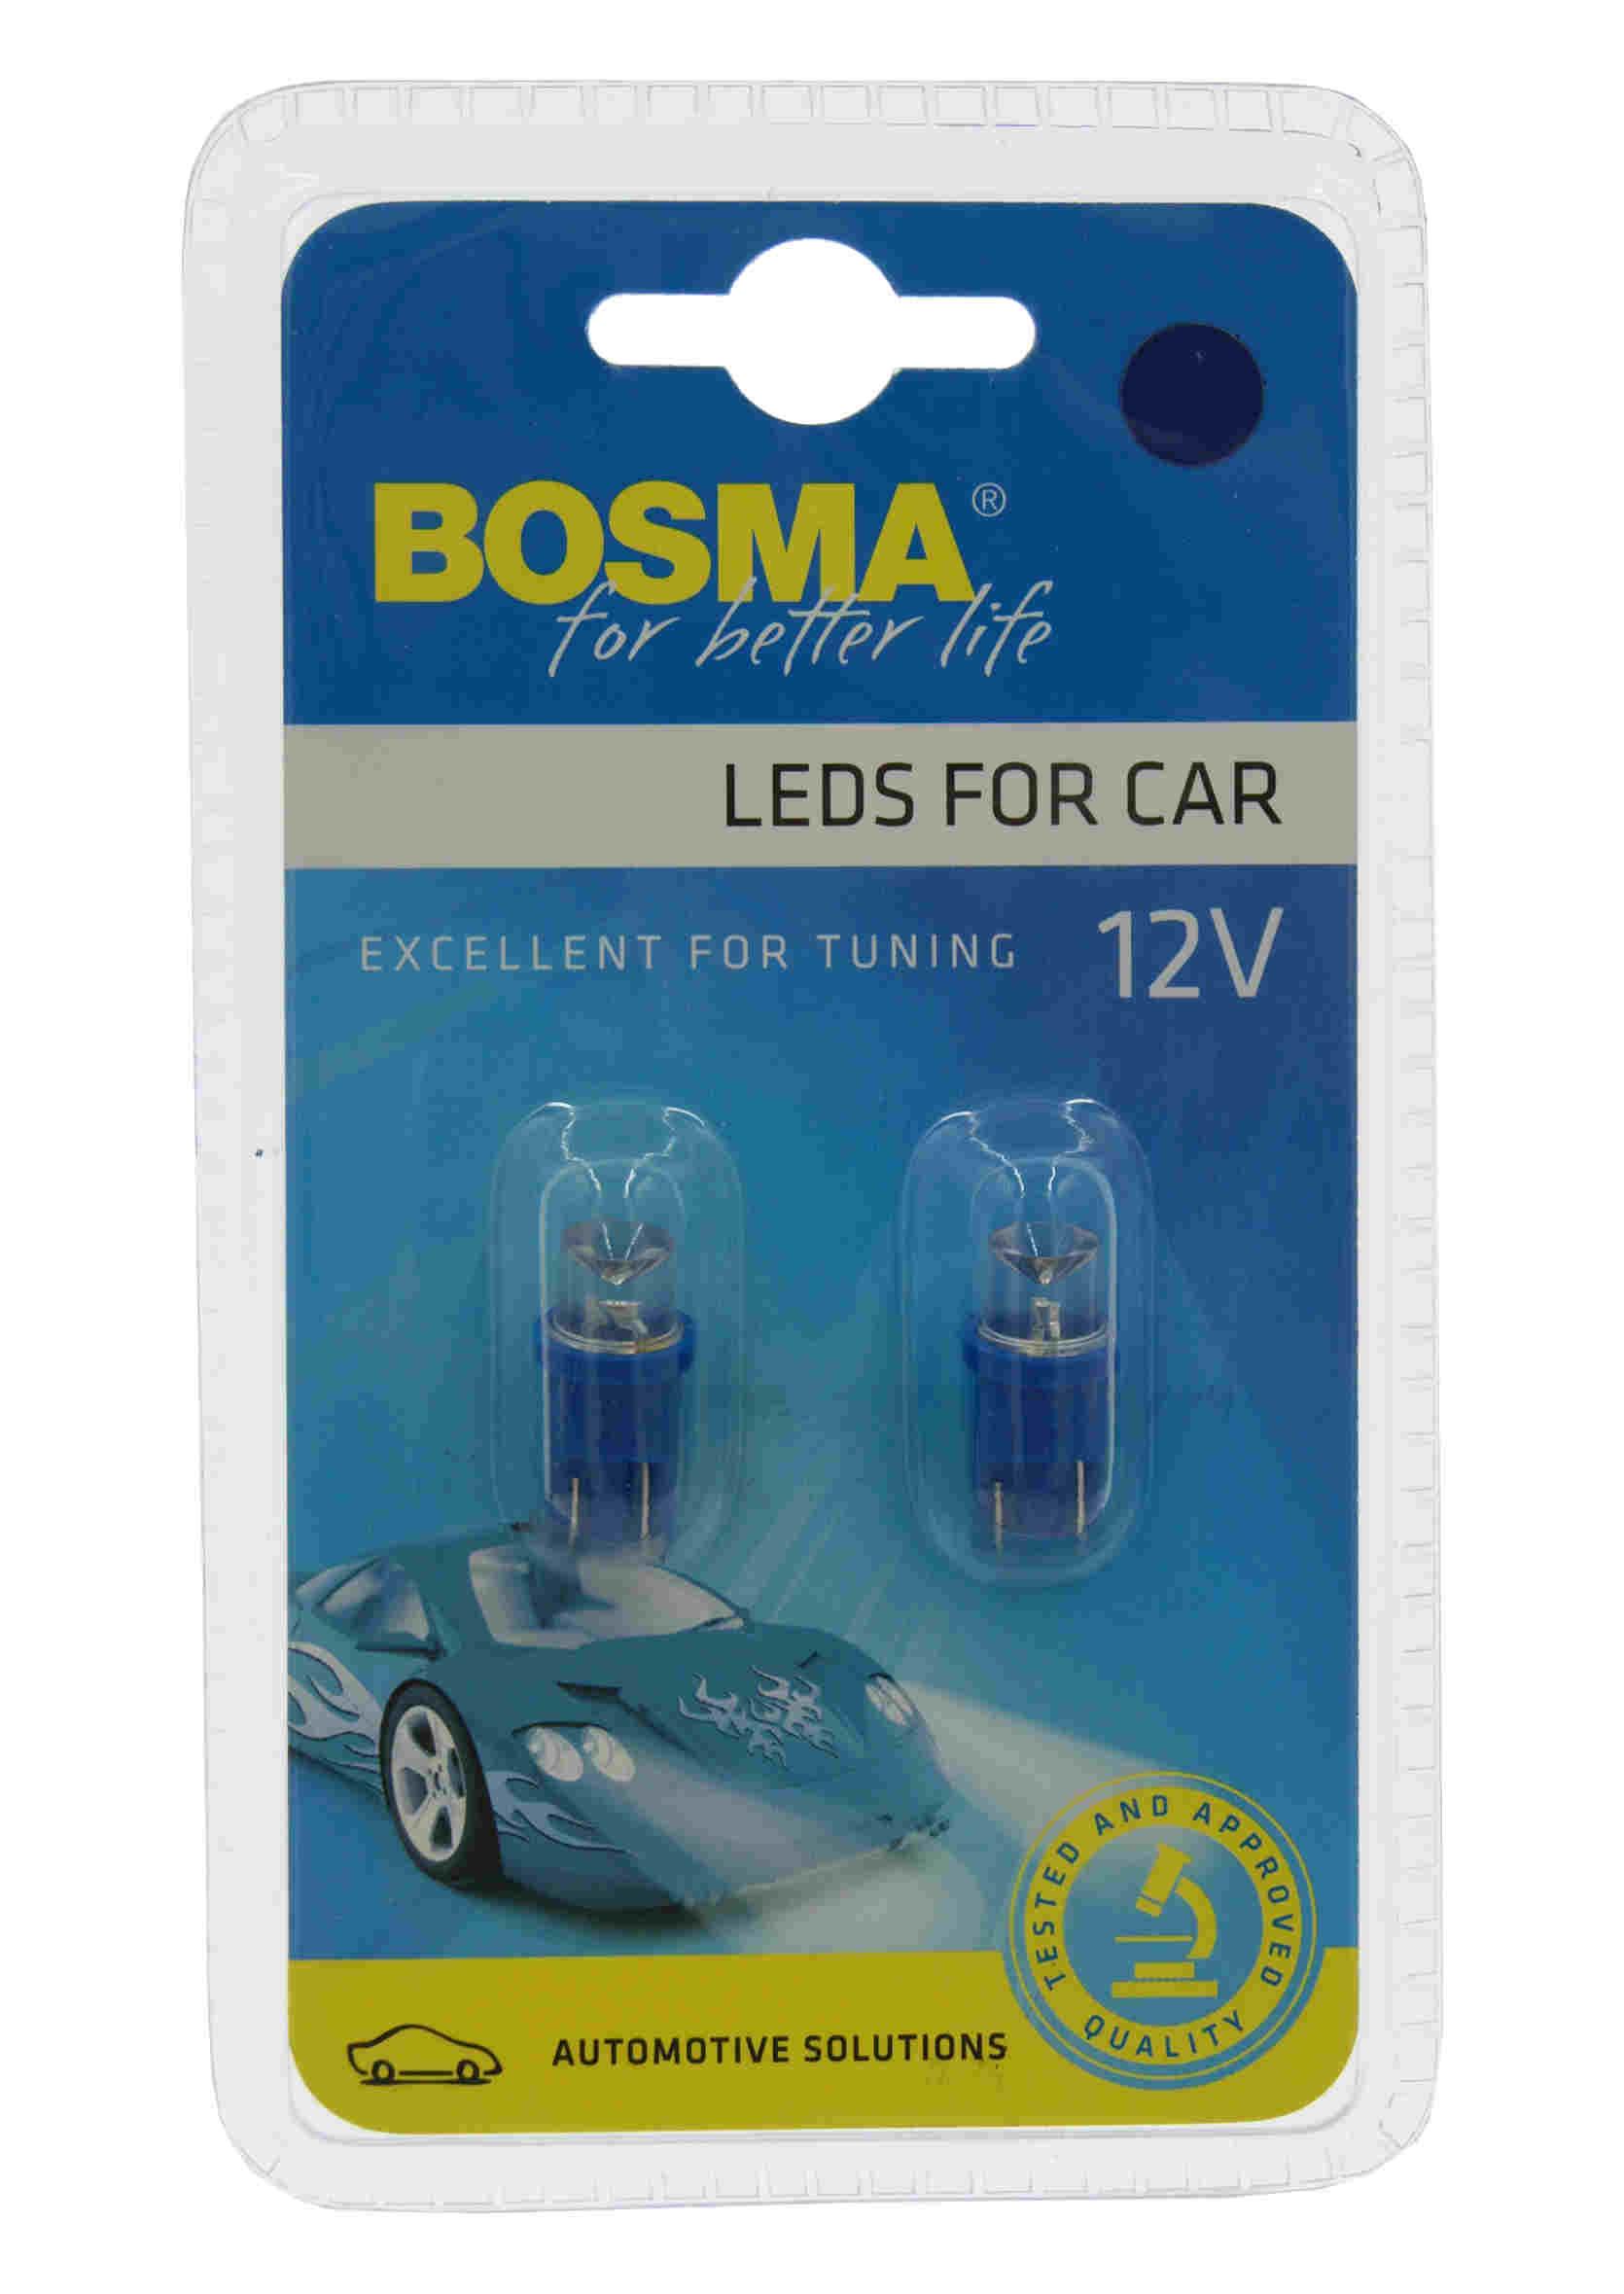 Bosma LED 3585 W5W 12V T10 1xLED Wide View Blue Żarówki Samochodowe Niebieskie 2szt.